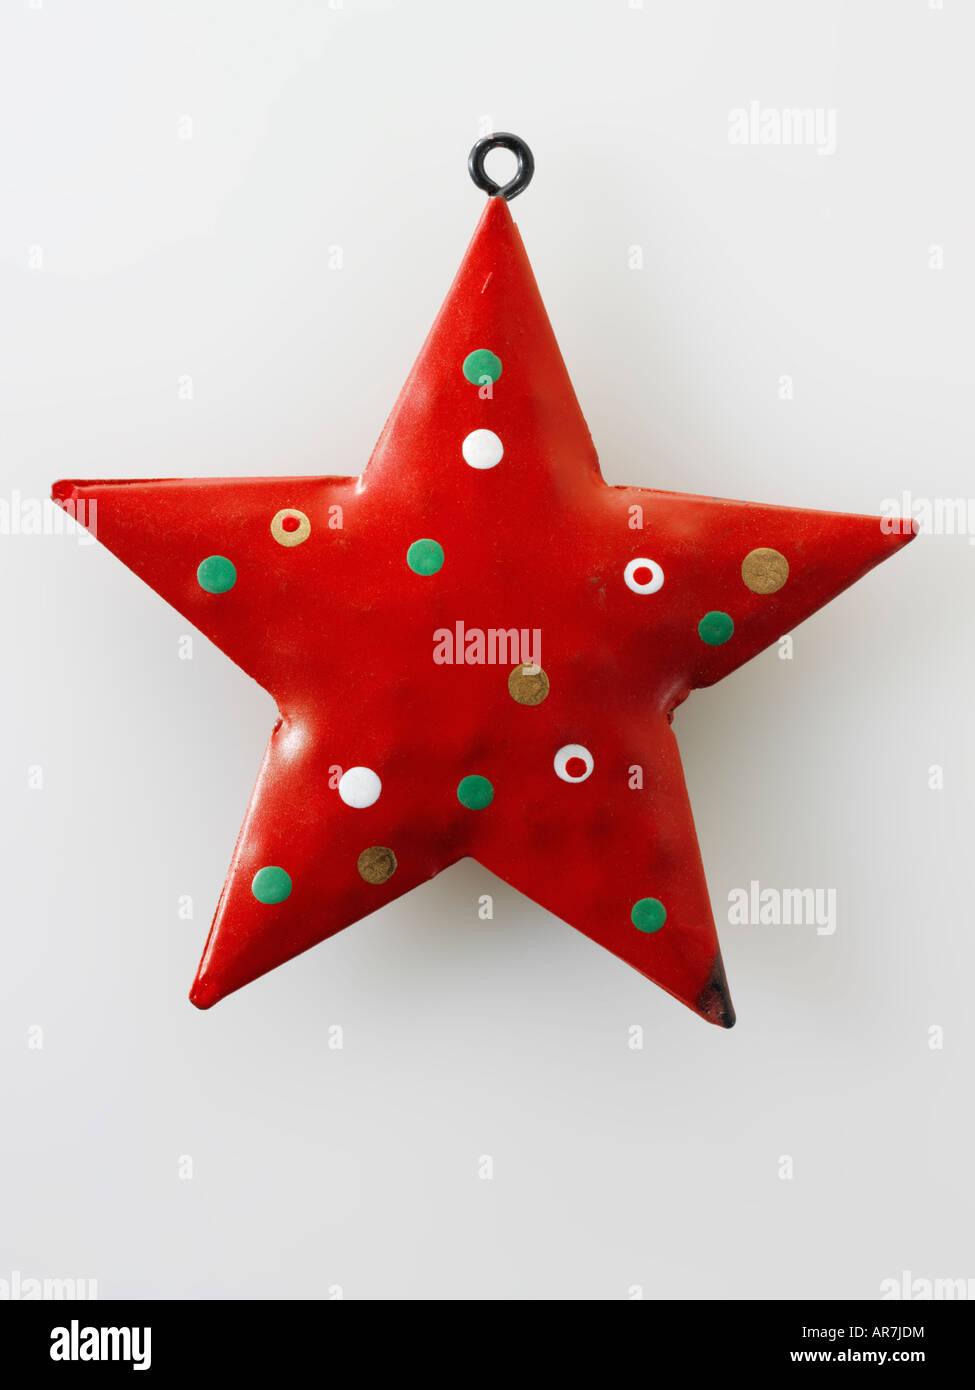 festliche handbemalt rote Sterne Weihnachtsdekoration Stockbild